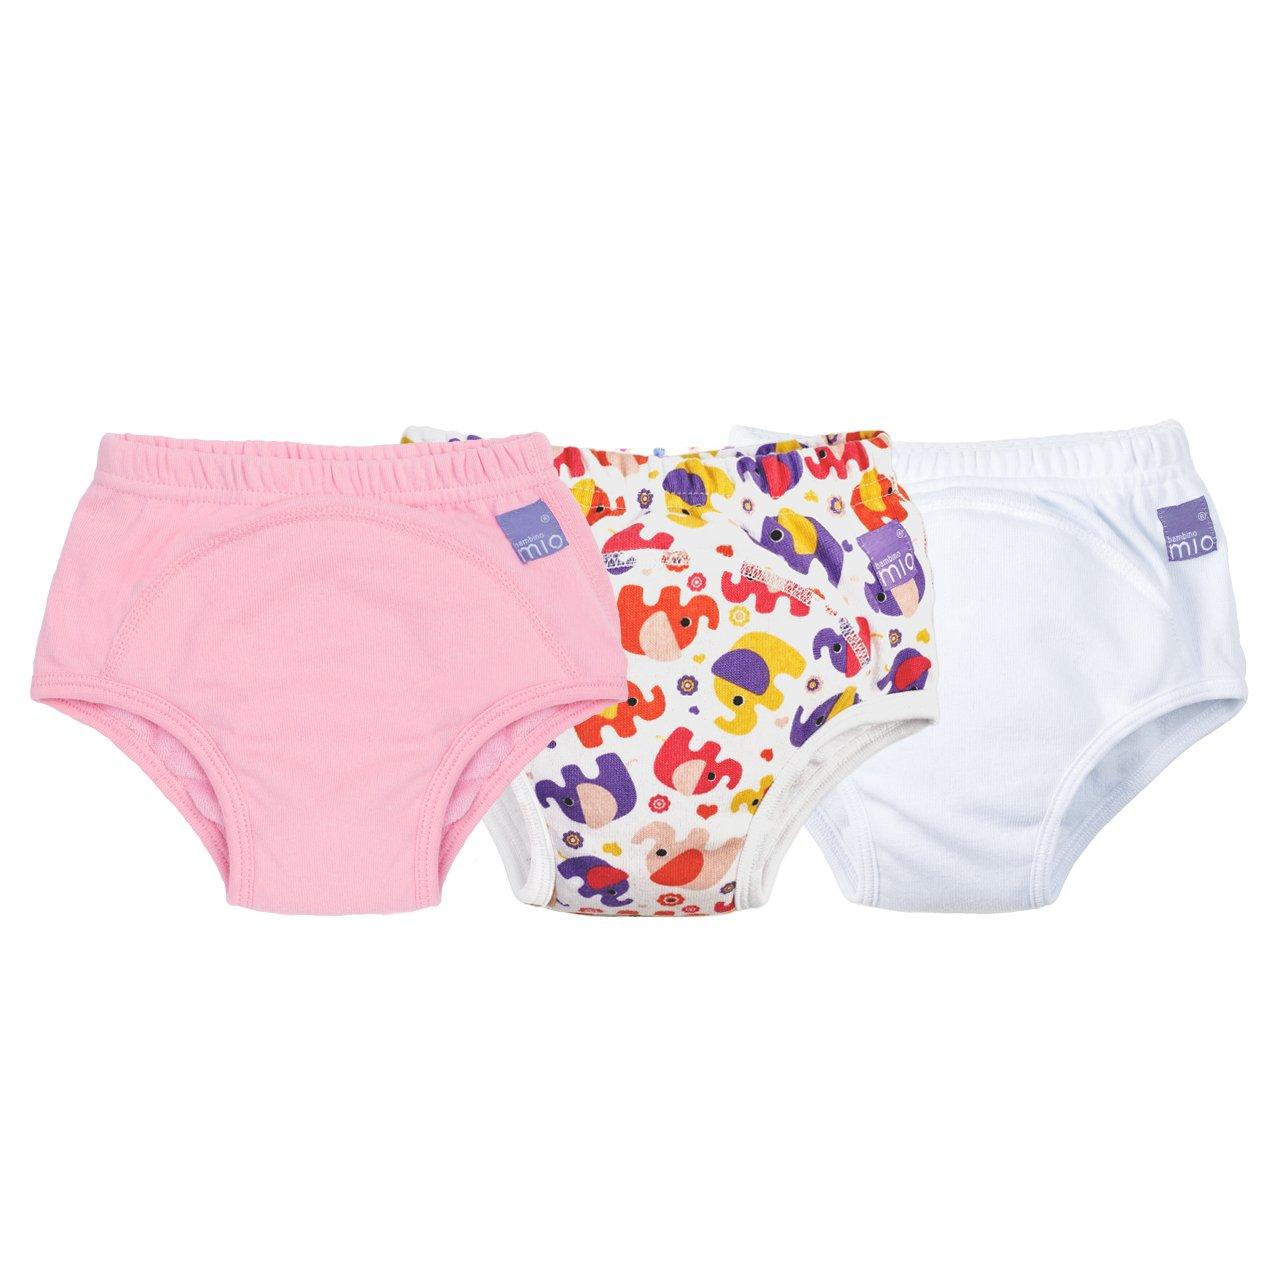 Bambino Mio - Braga de aprendizaje, Mixed Girl, Pink Elephant, 2 - 3 años , pack de 3 unidades 3TPG 2-3 MX